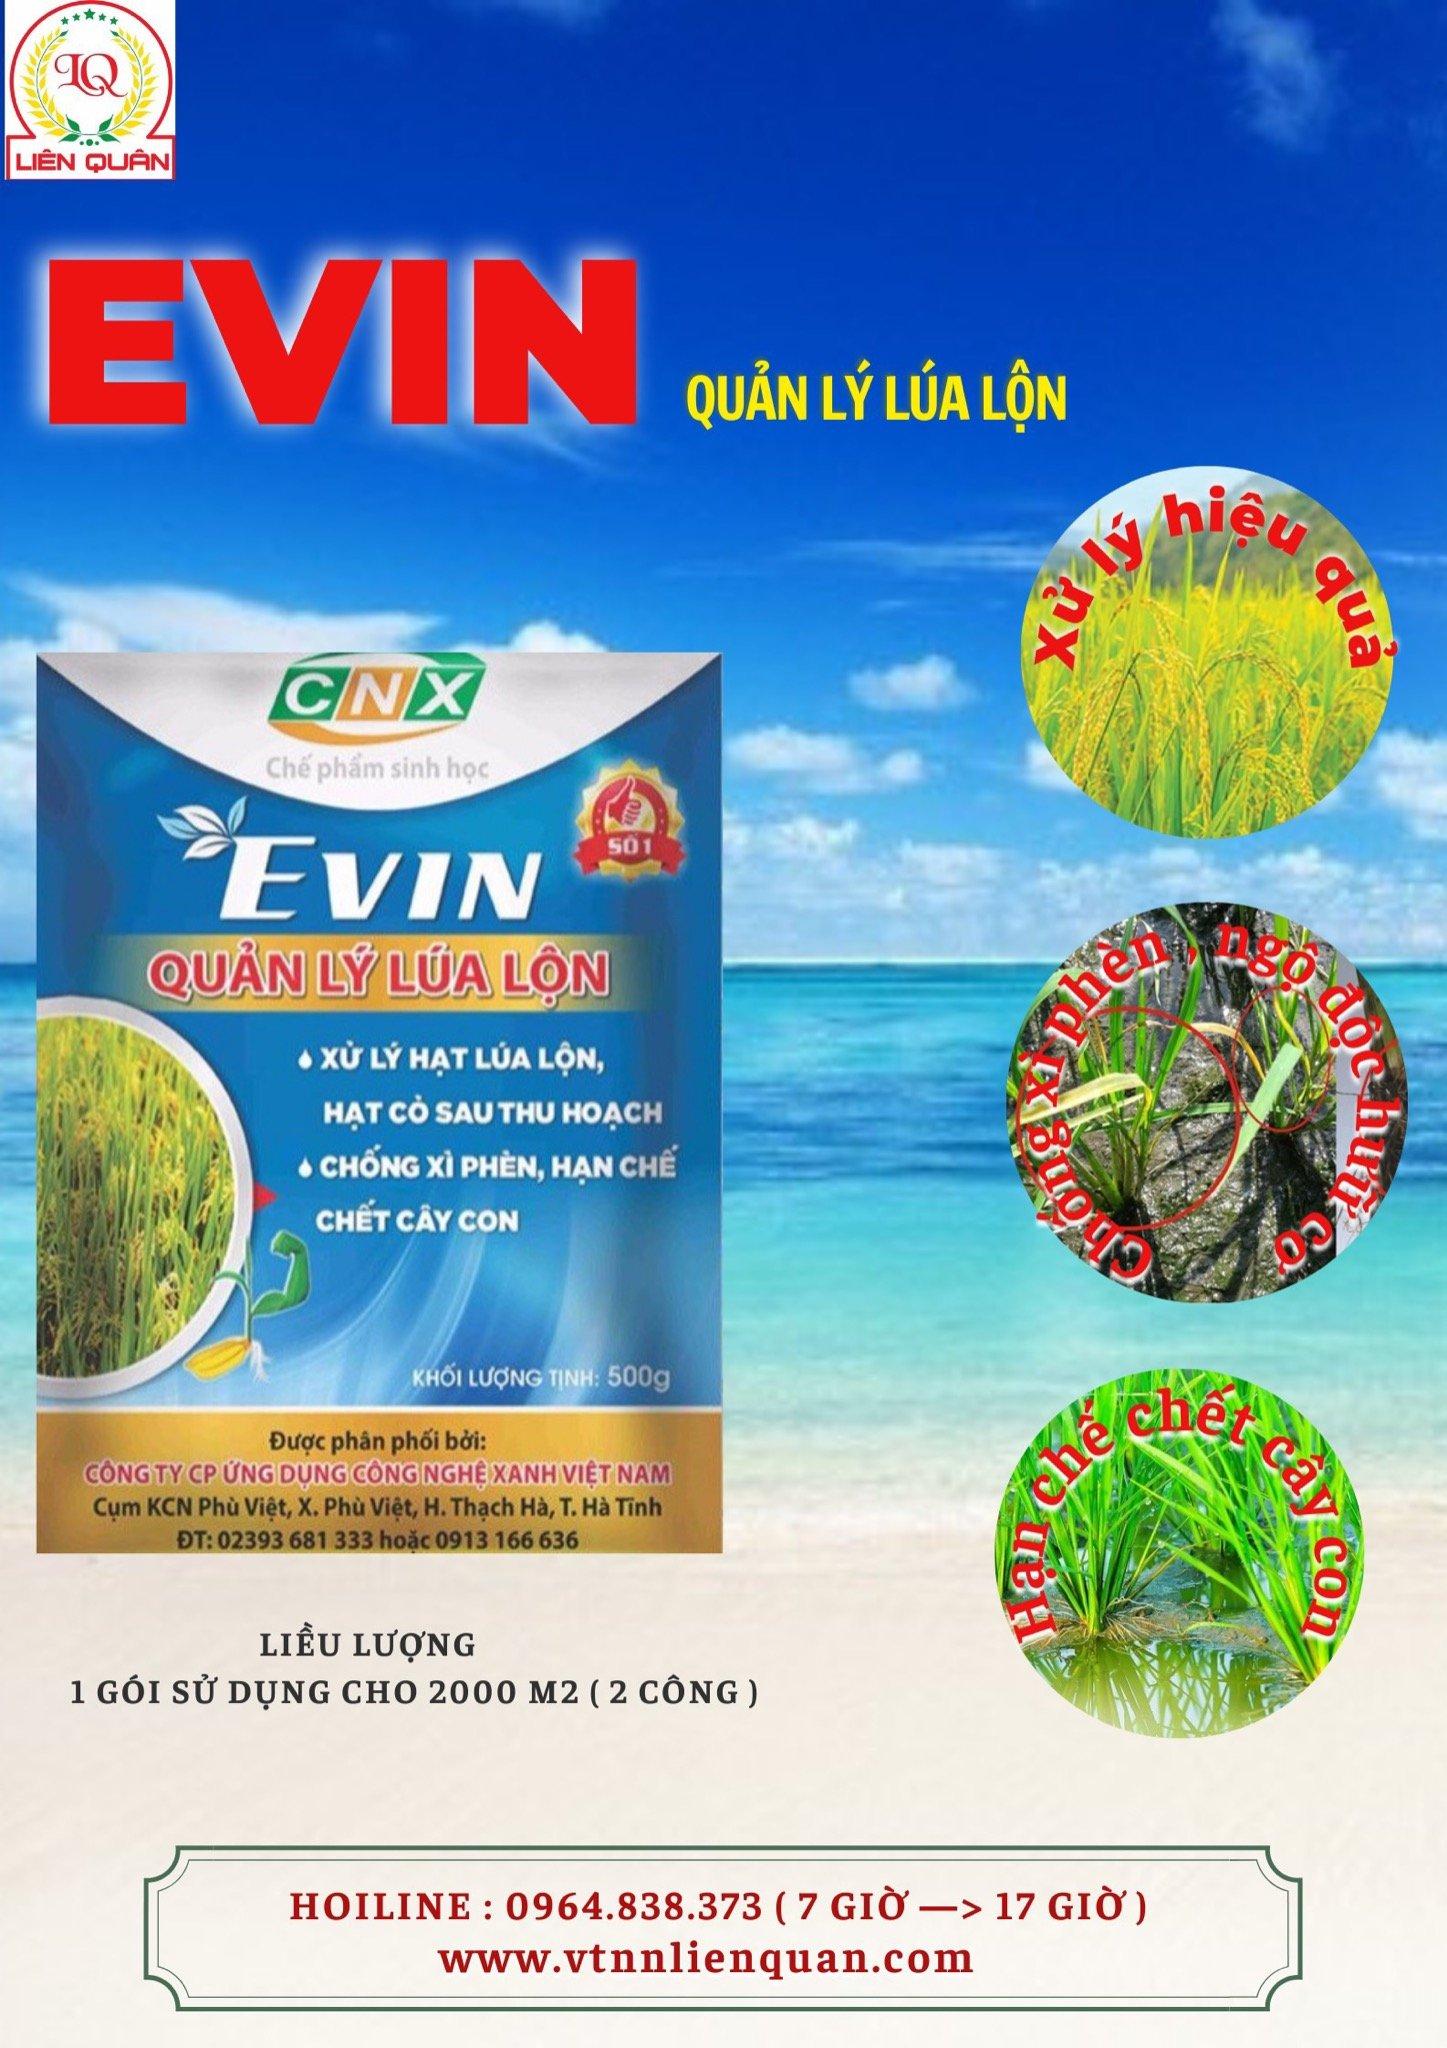 Quản lý lúa lộn EVIN (500g)